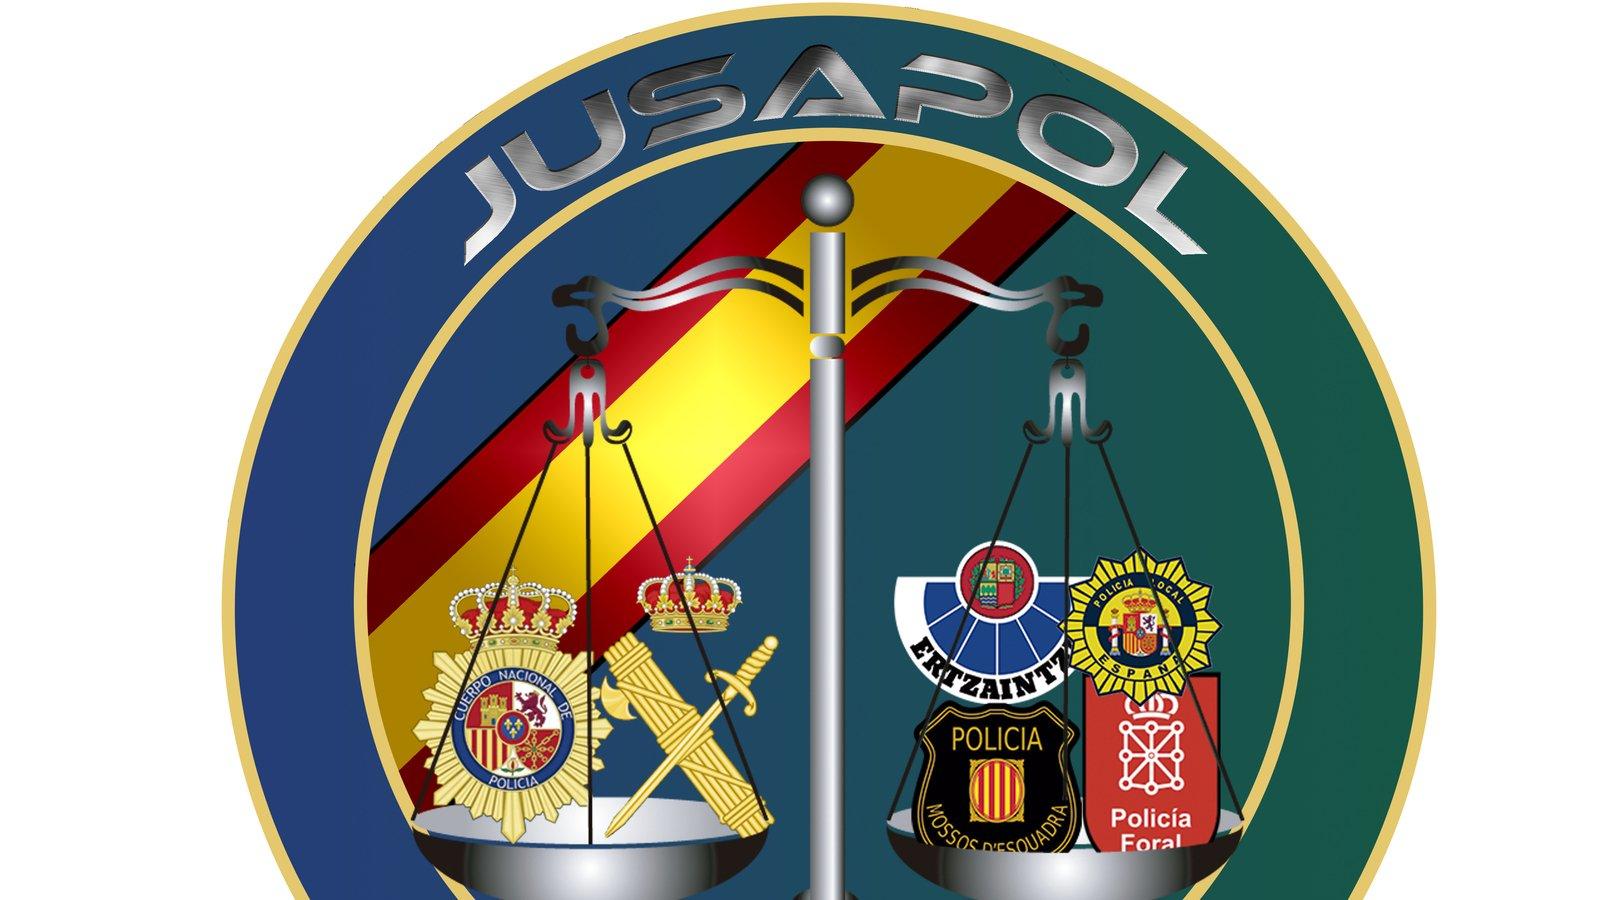 Topic guardia civil for Logo del ministerio de interior y justicia